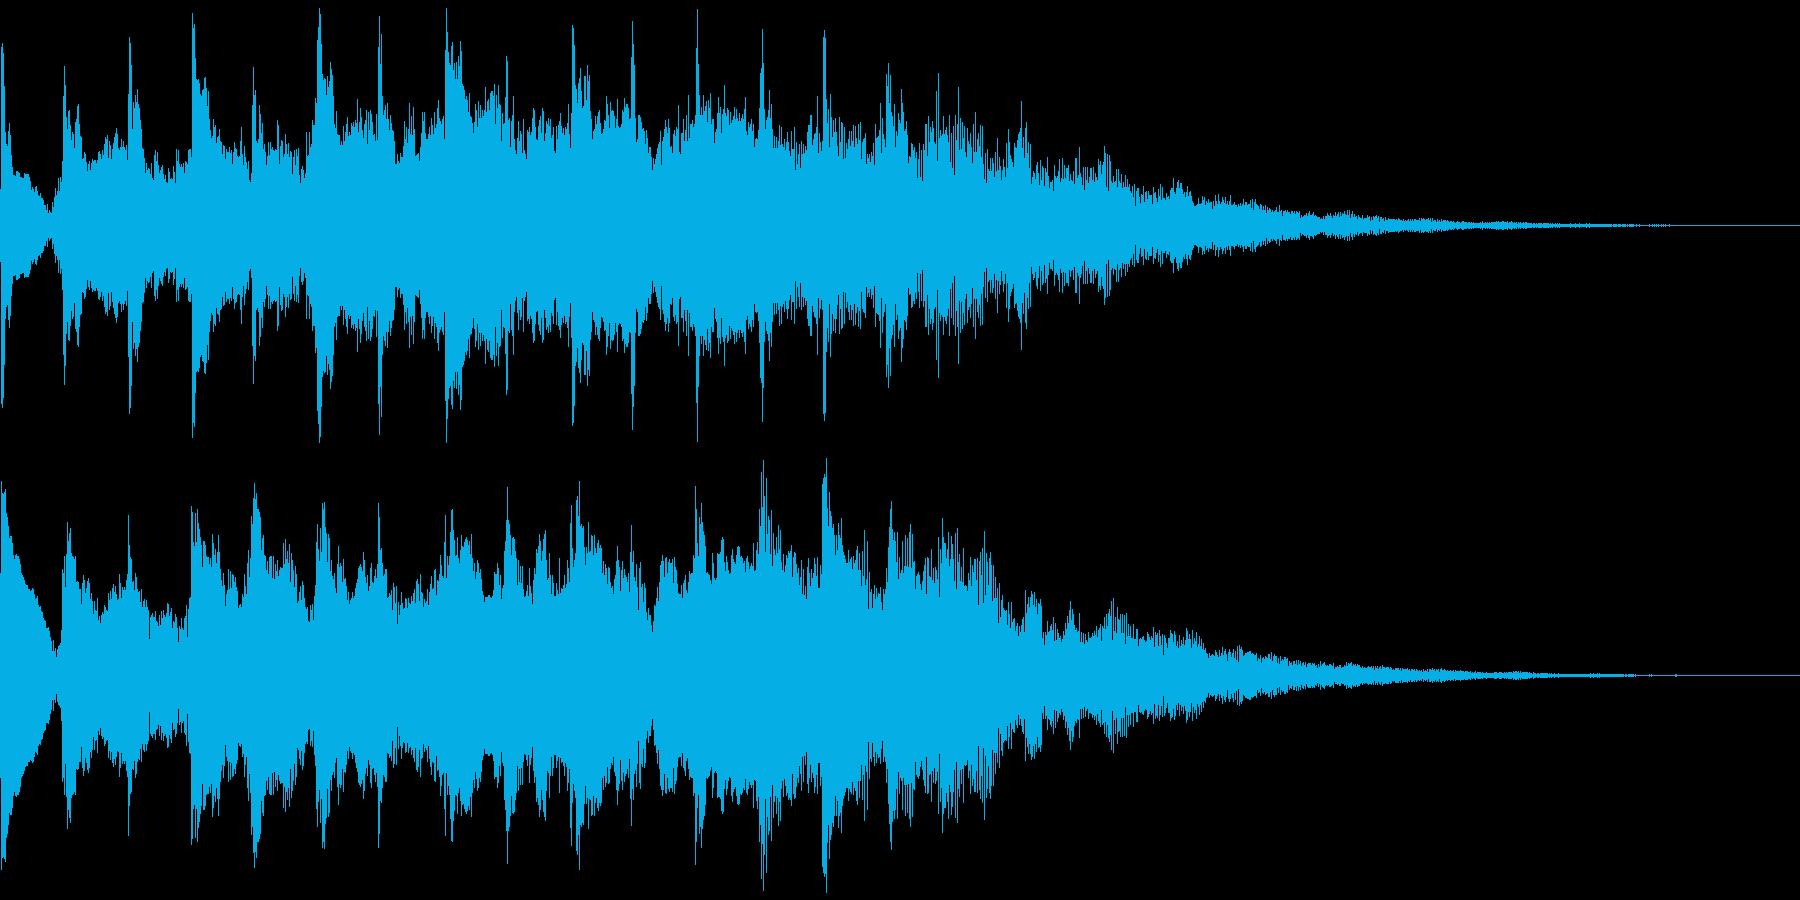 サウンドロゴ、5秒CM、場面転換verBの再生済みの波形